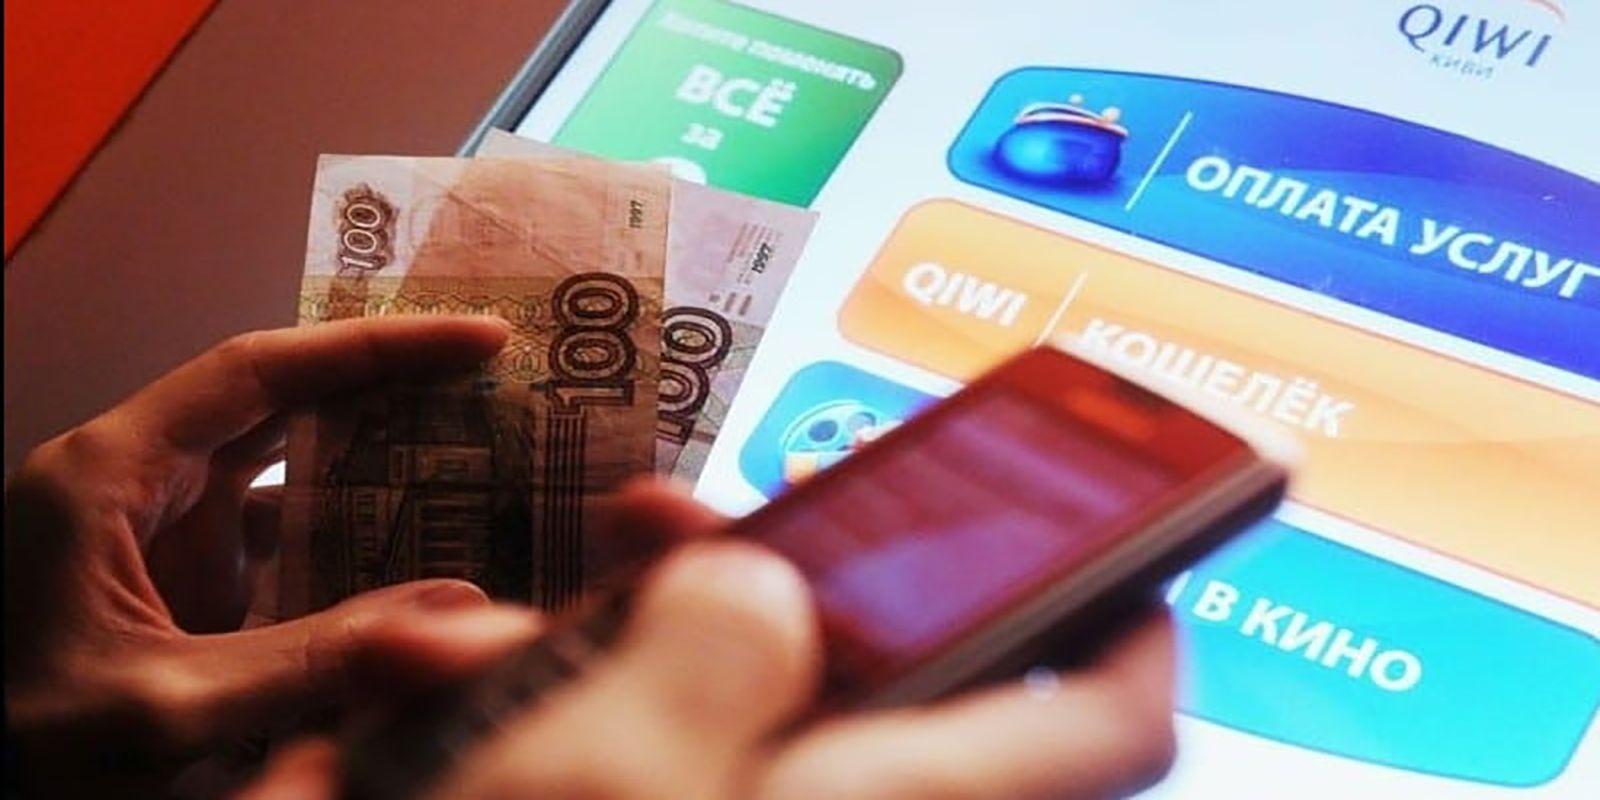 Как перевести деньги с киви на карту без комиссии 50 рублей